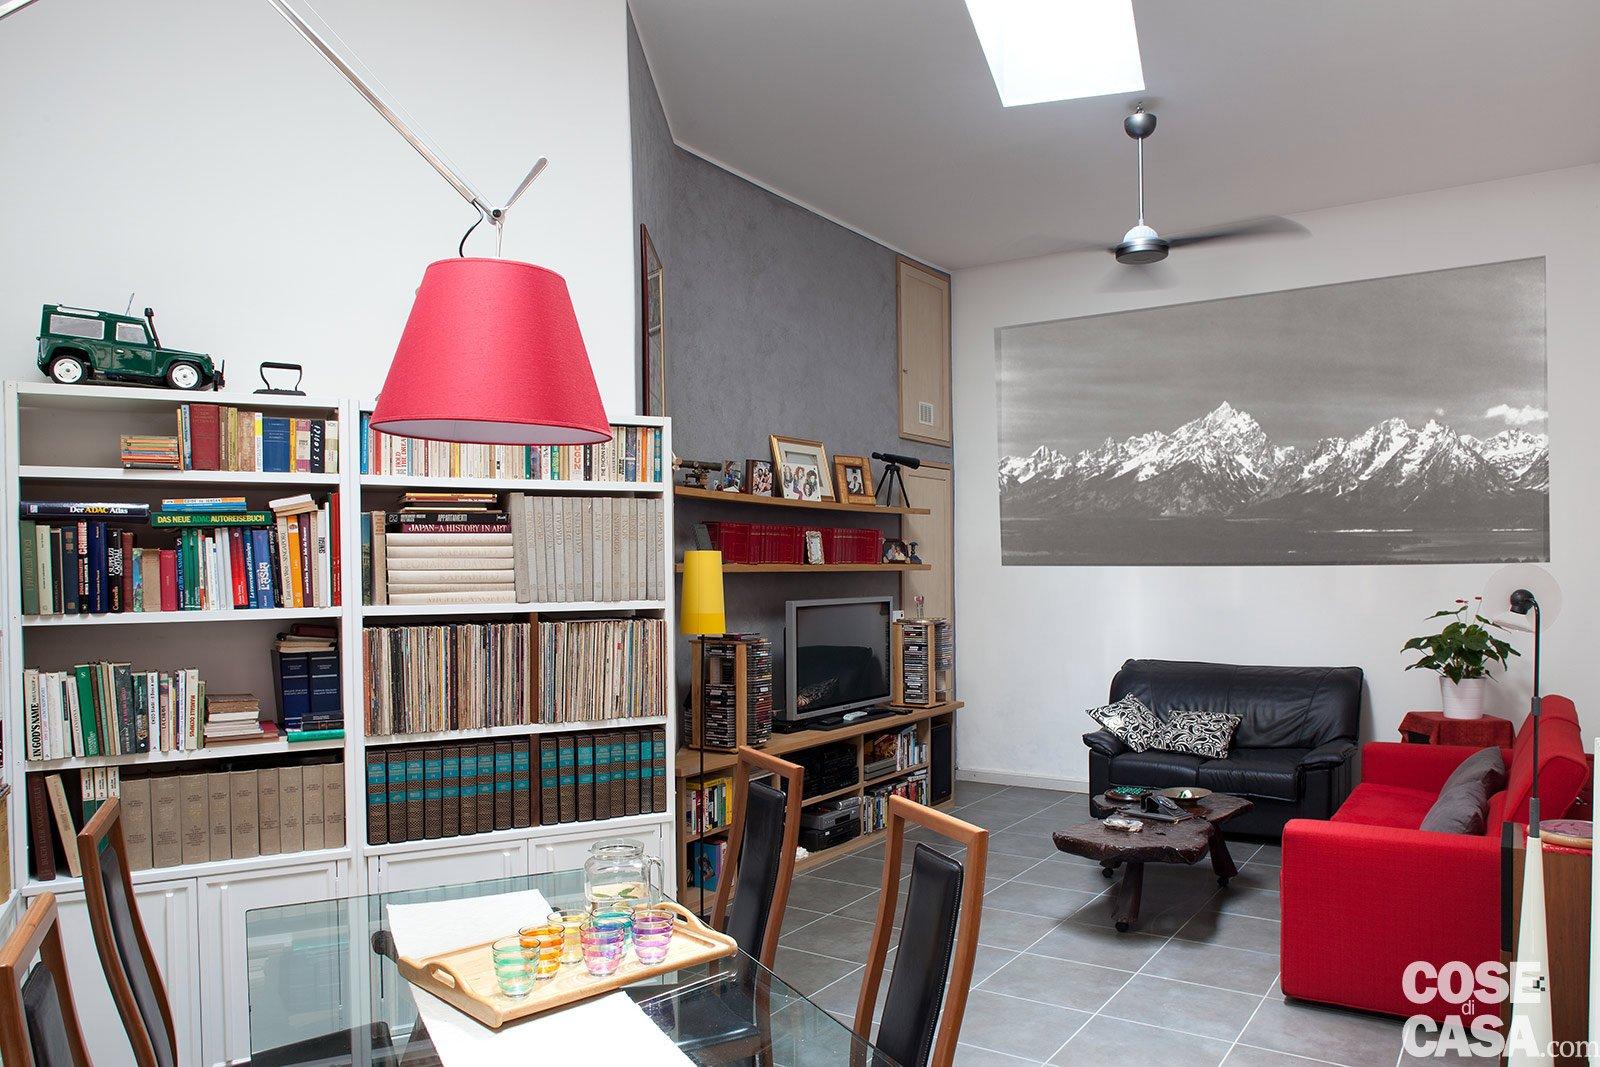 lampadario ventilatore ikea : Ventilatore Soffitto Pale Trasparenti: Catalogo orieme ventilatori ...